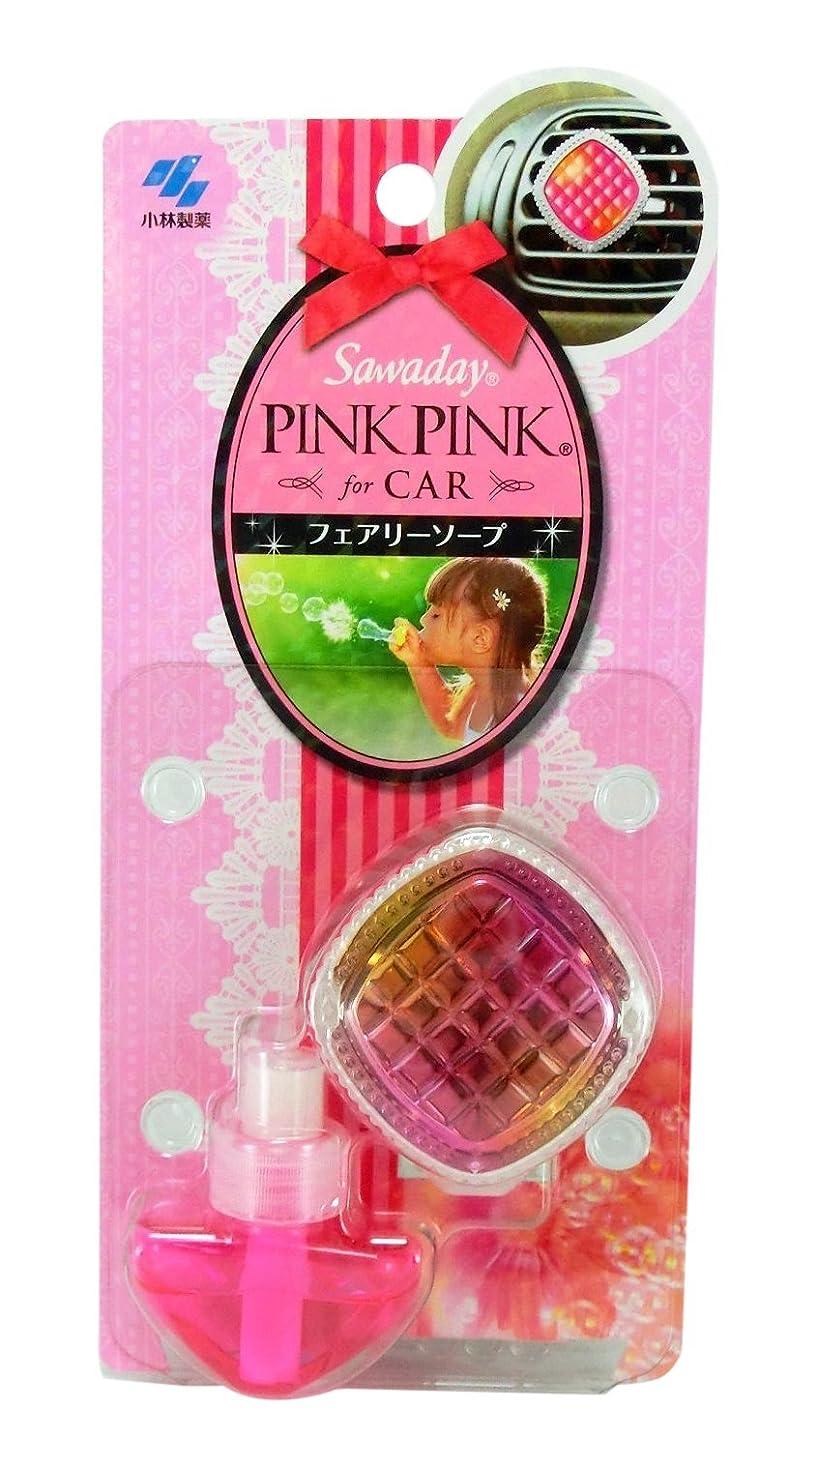 美的不利幻滅するサワデーピンクピンク 消臭芳香剤 クルマ用 本体 フェアリーソープ (使用期間目安 約1ヶ月)